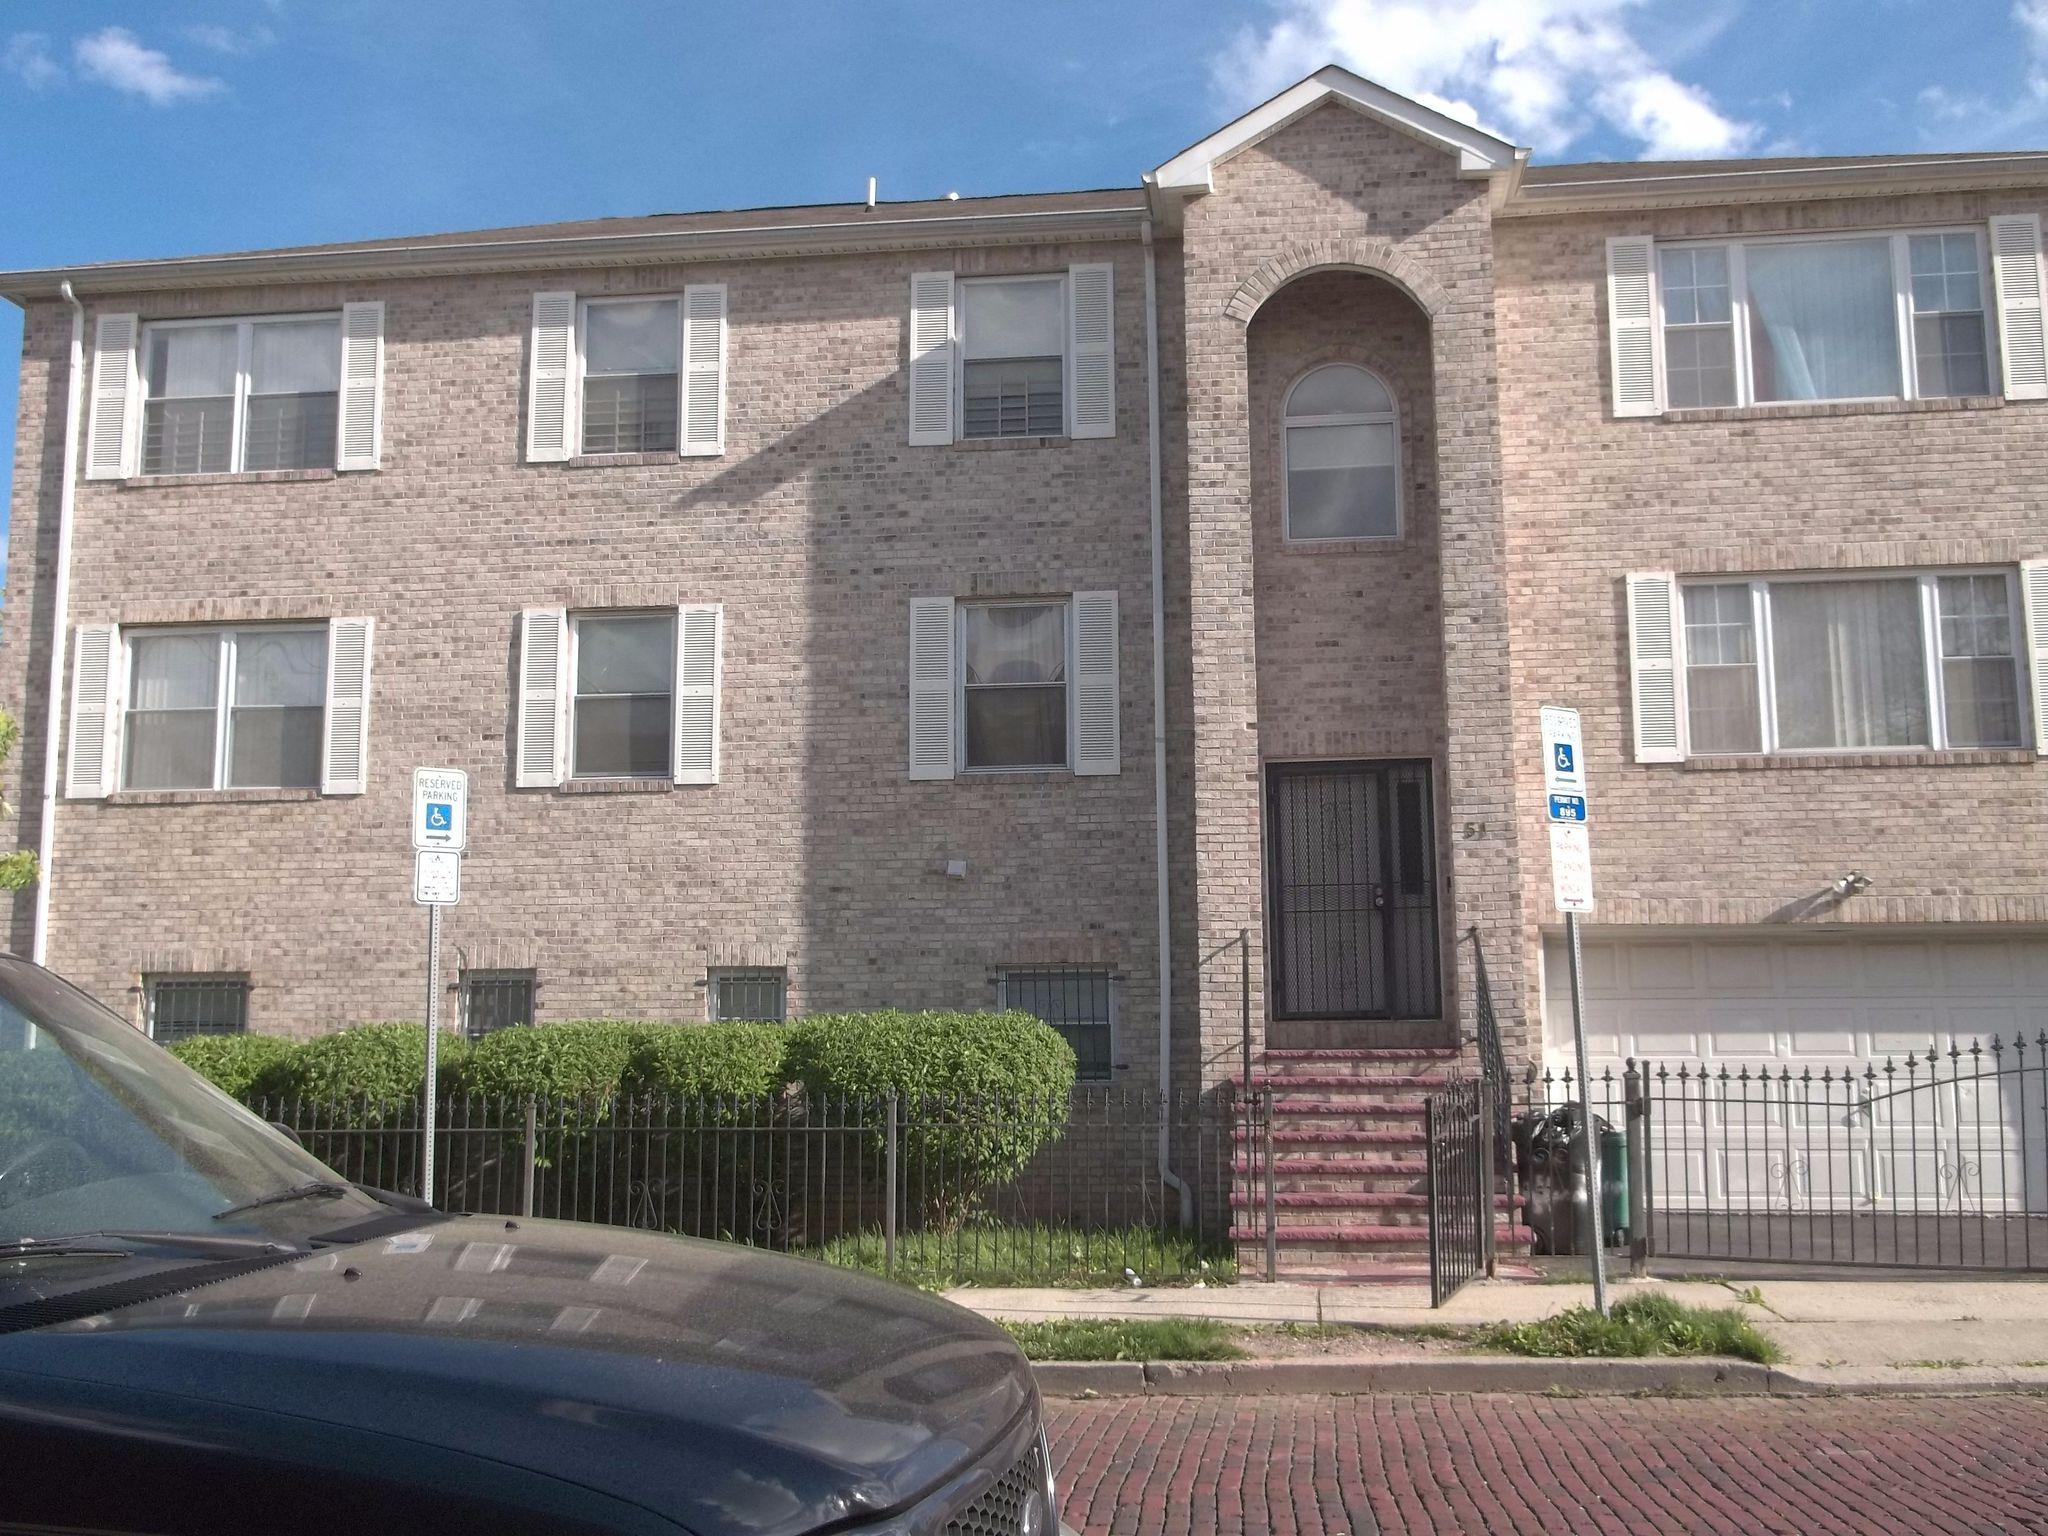 51 53 Holland St Newark NJ Estimate and Home Details